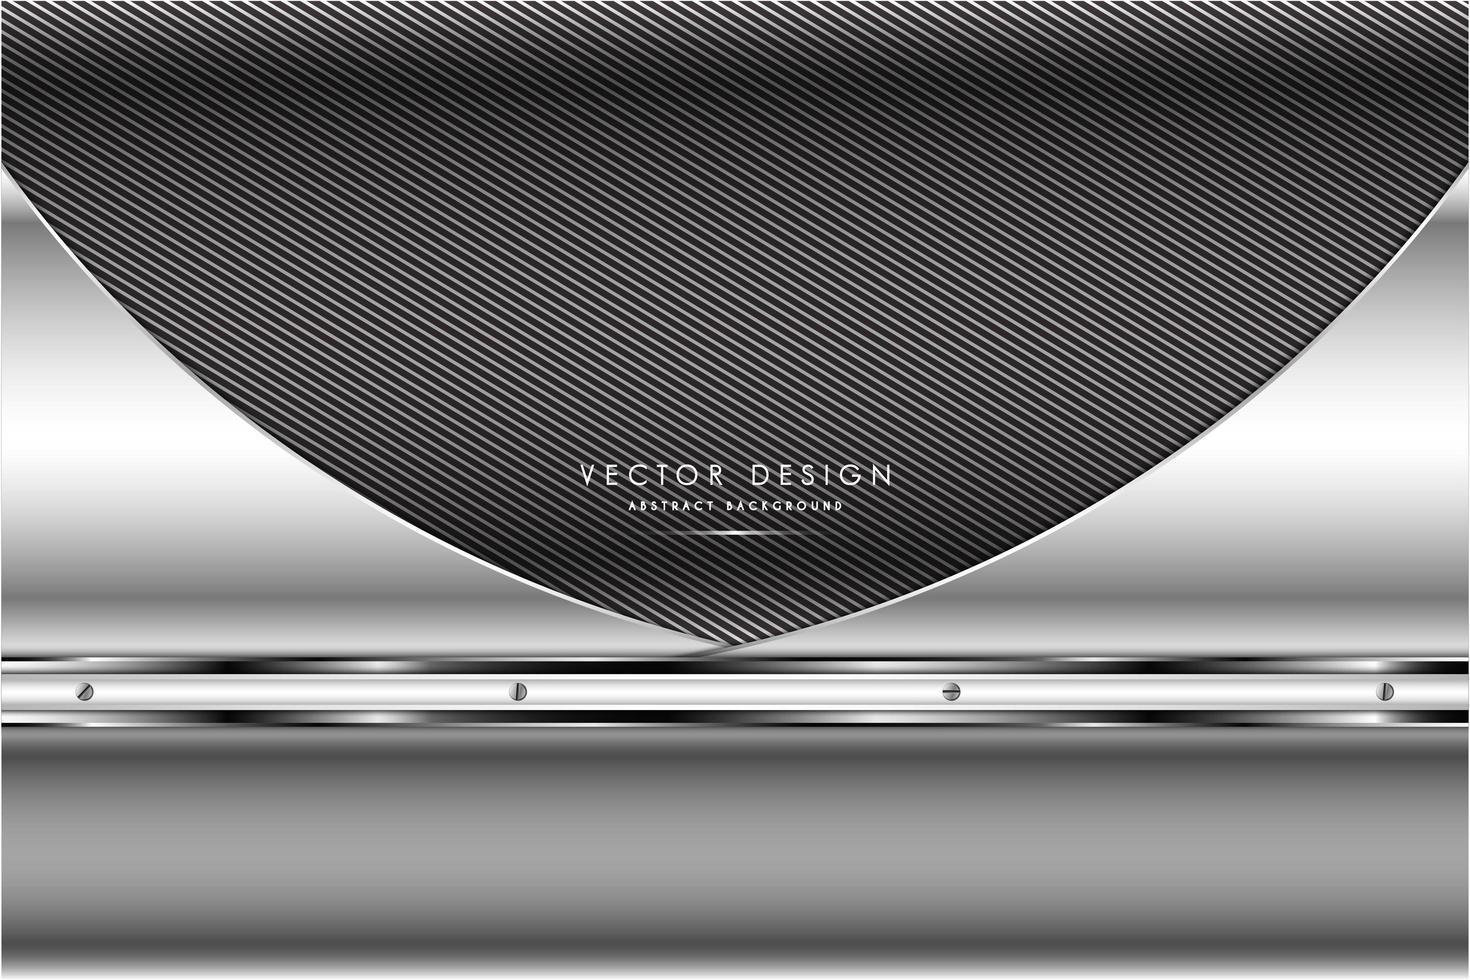 diseño de fibra de carbono gris y plata metalizado vector